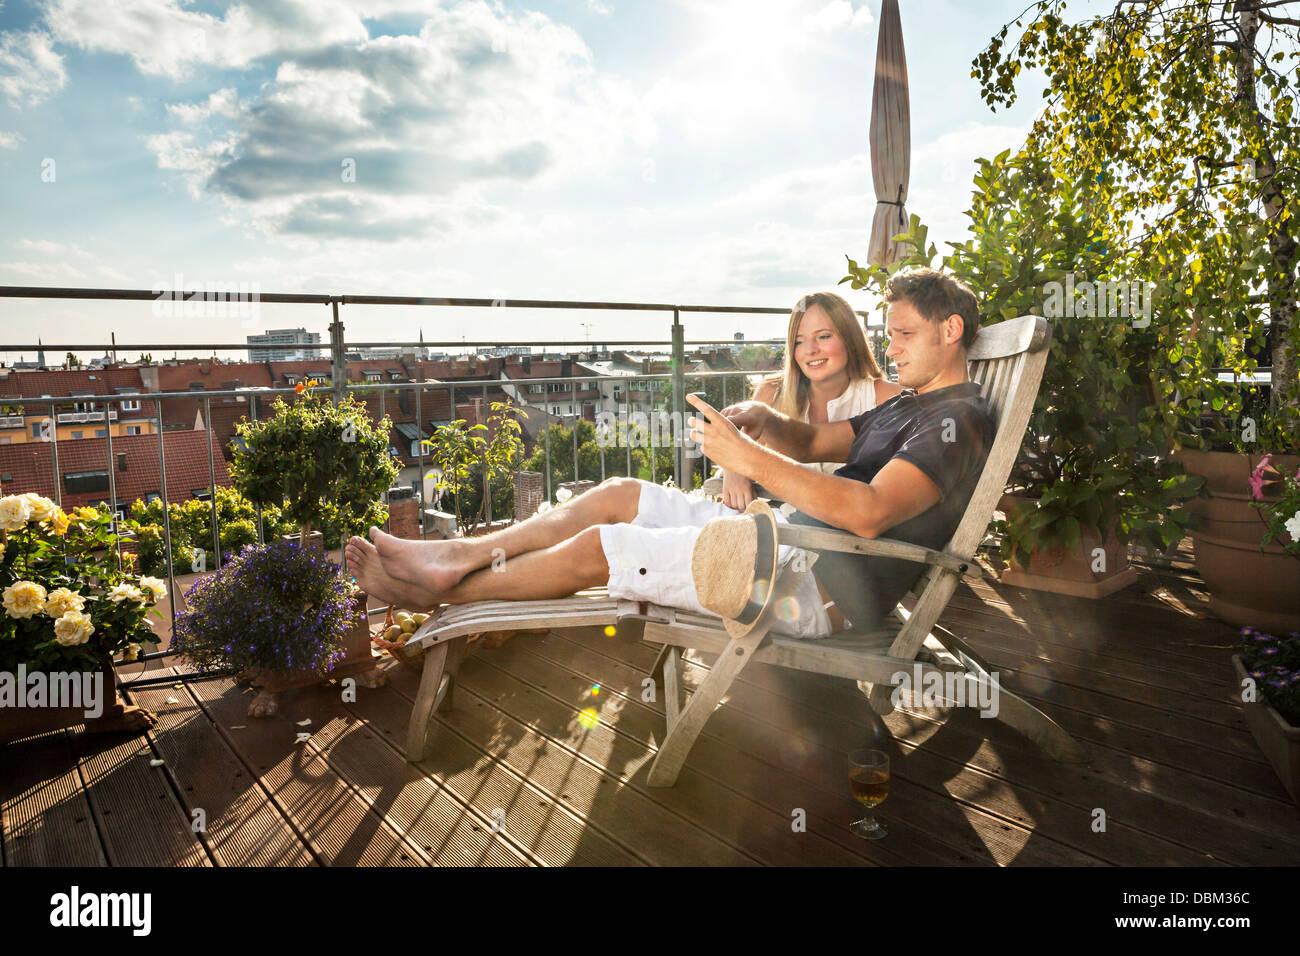 Couple On Balcony Using Mobile Phone, Munich, Bavaria, Germany, Europe - Stock Image